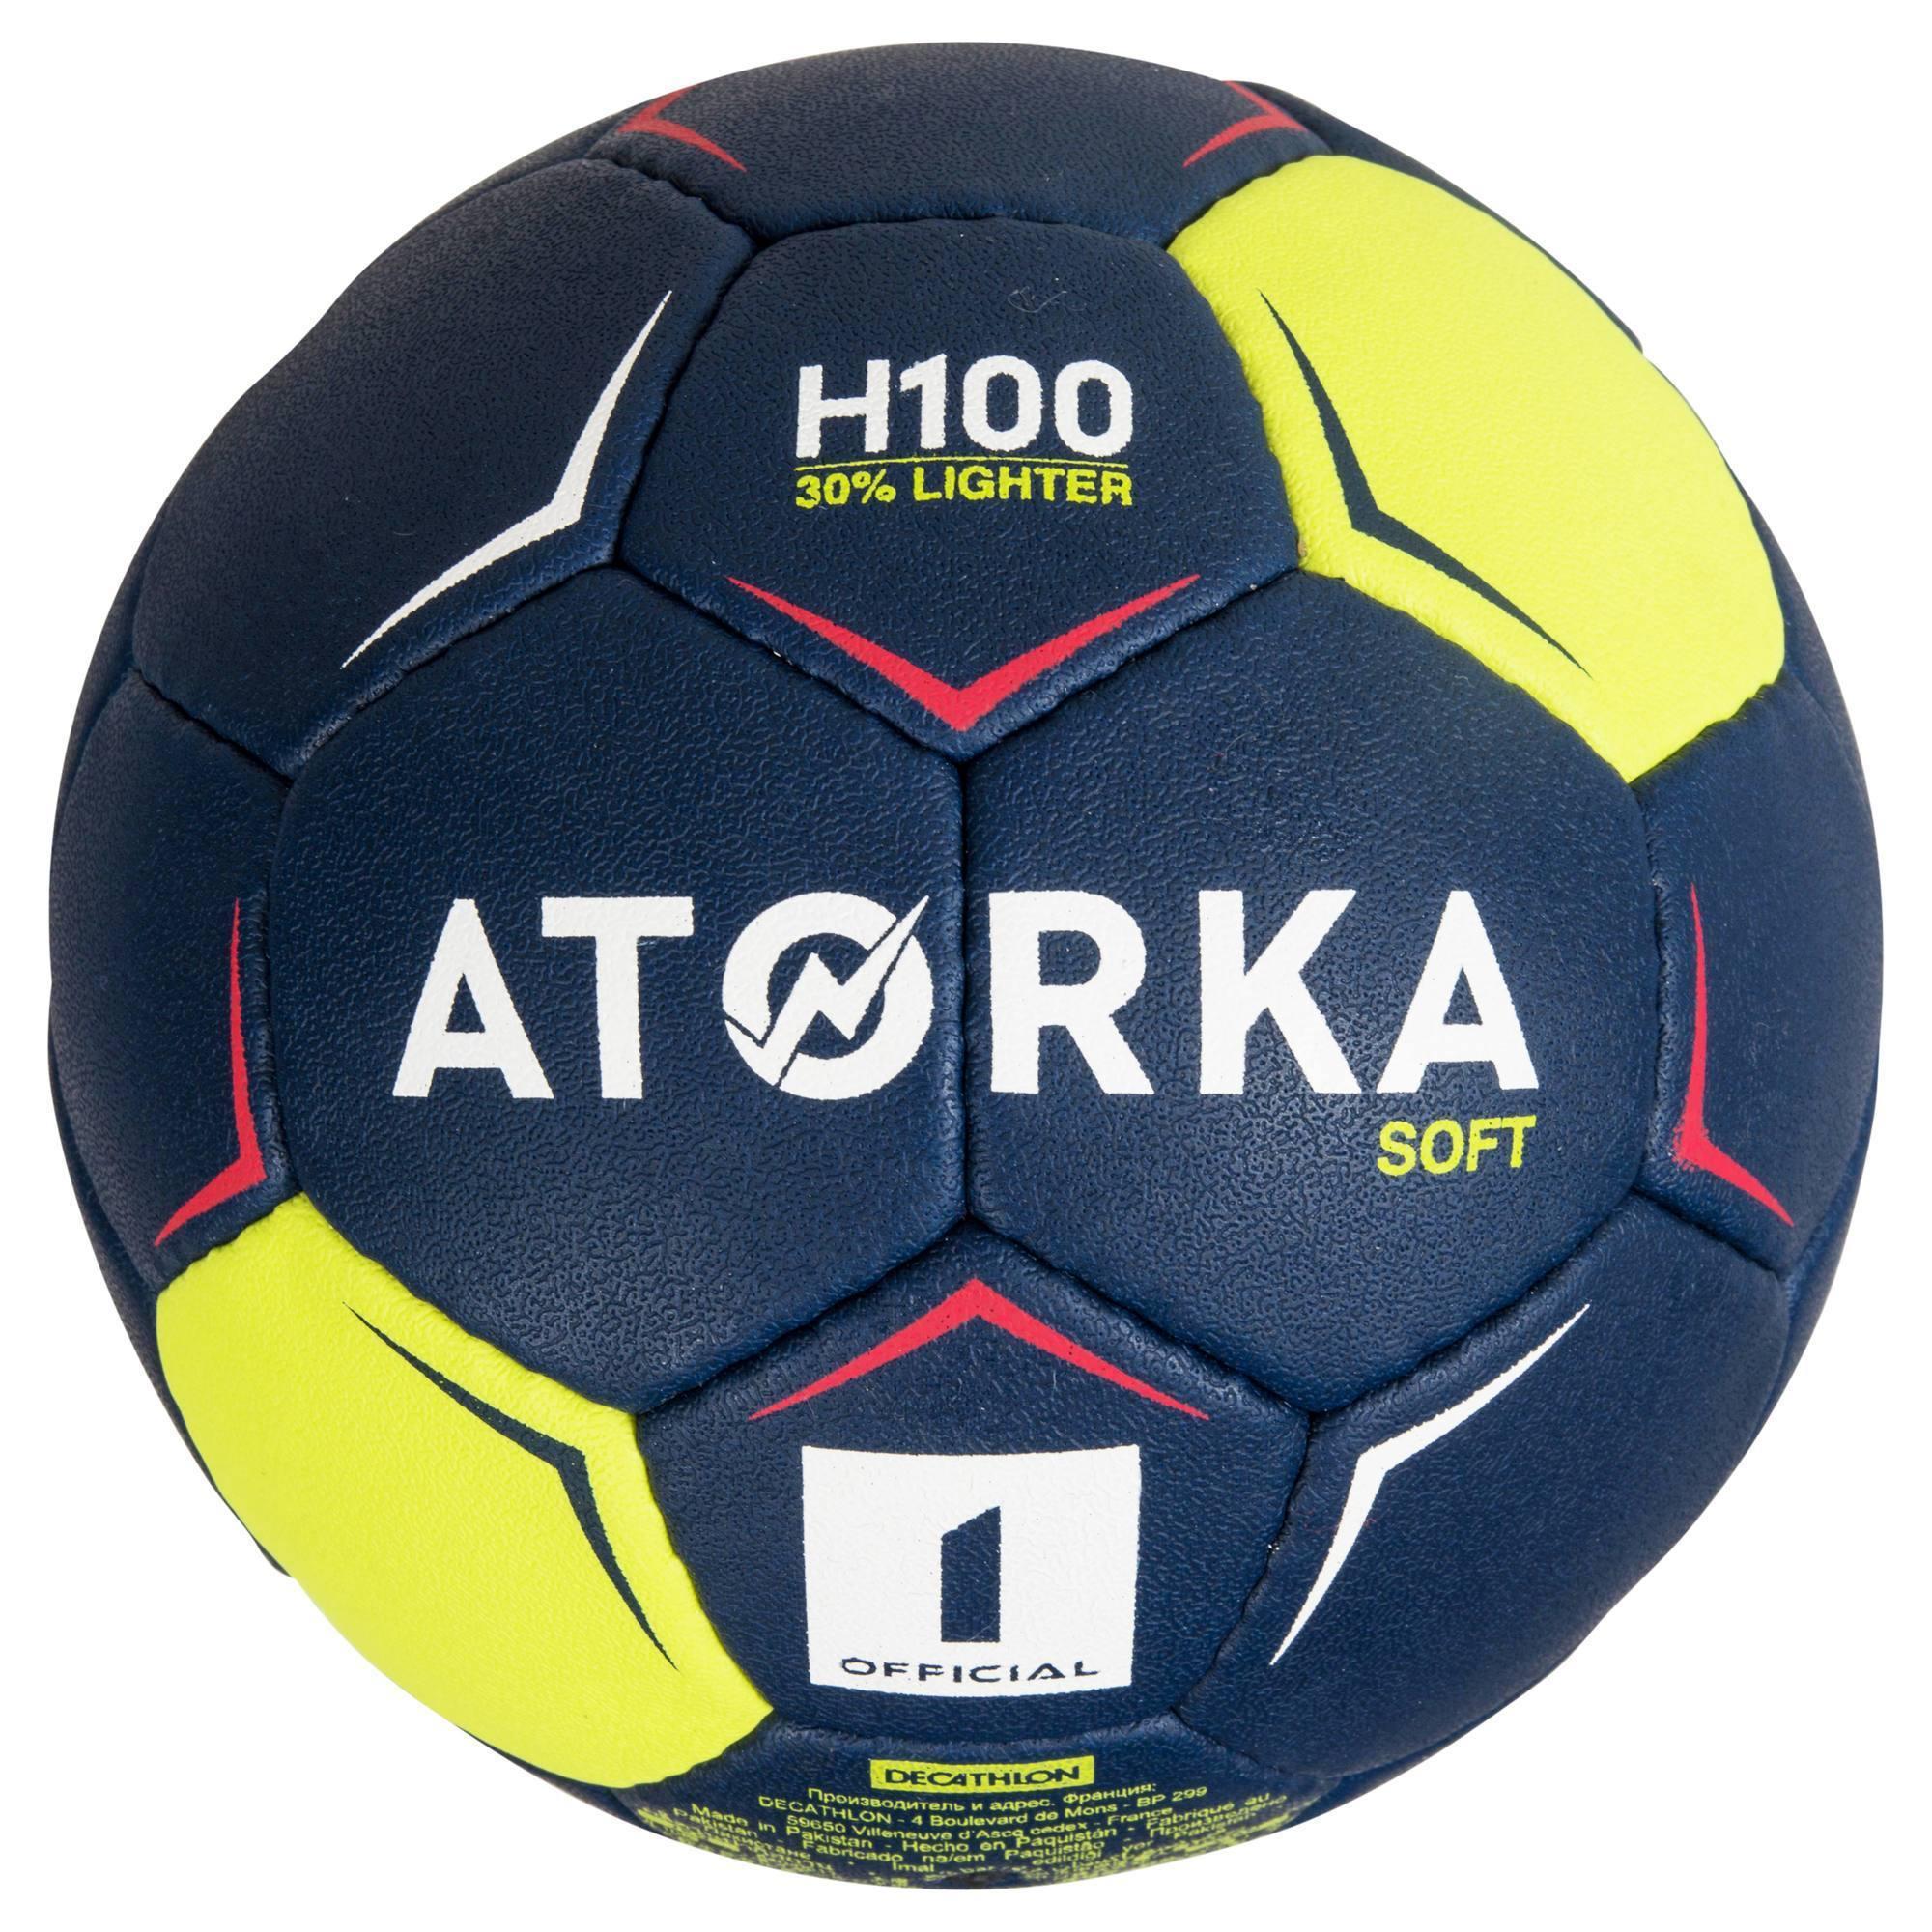 Ballon de handball H100 soft T1 bleu et jaune